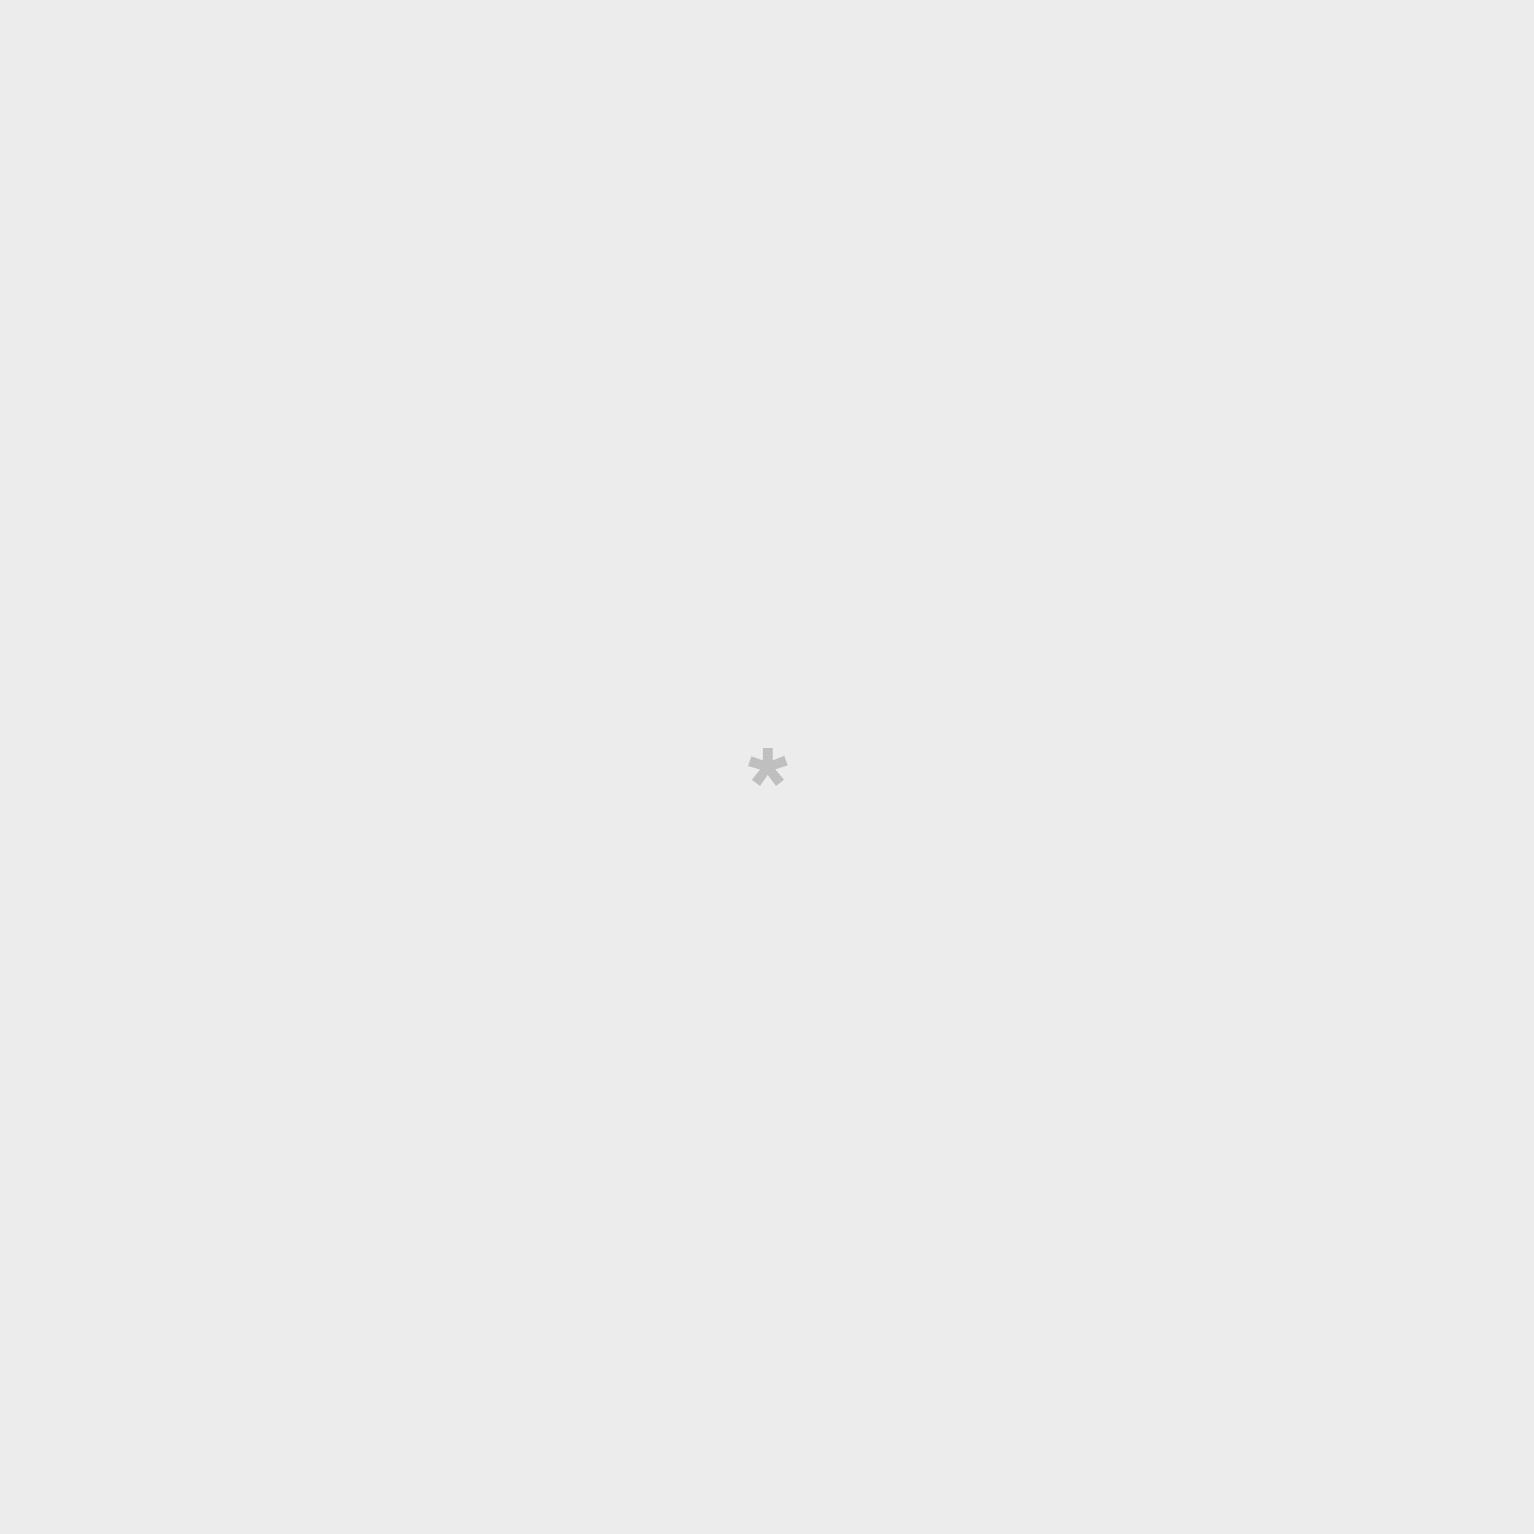 Tote bag kits personalizables L - Aquí guardo montones de sueños